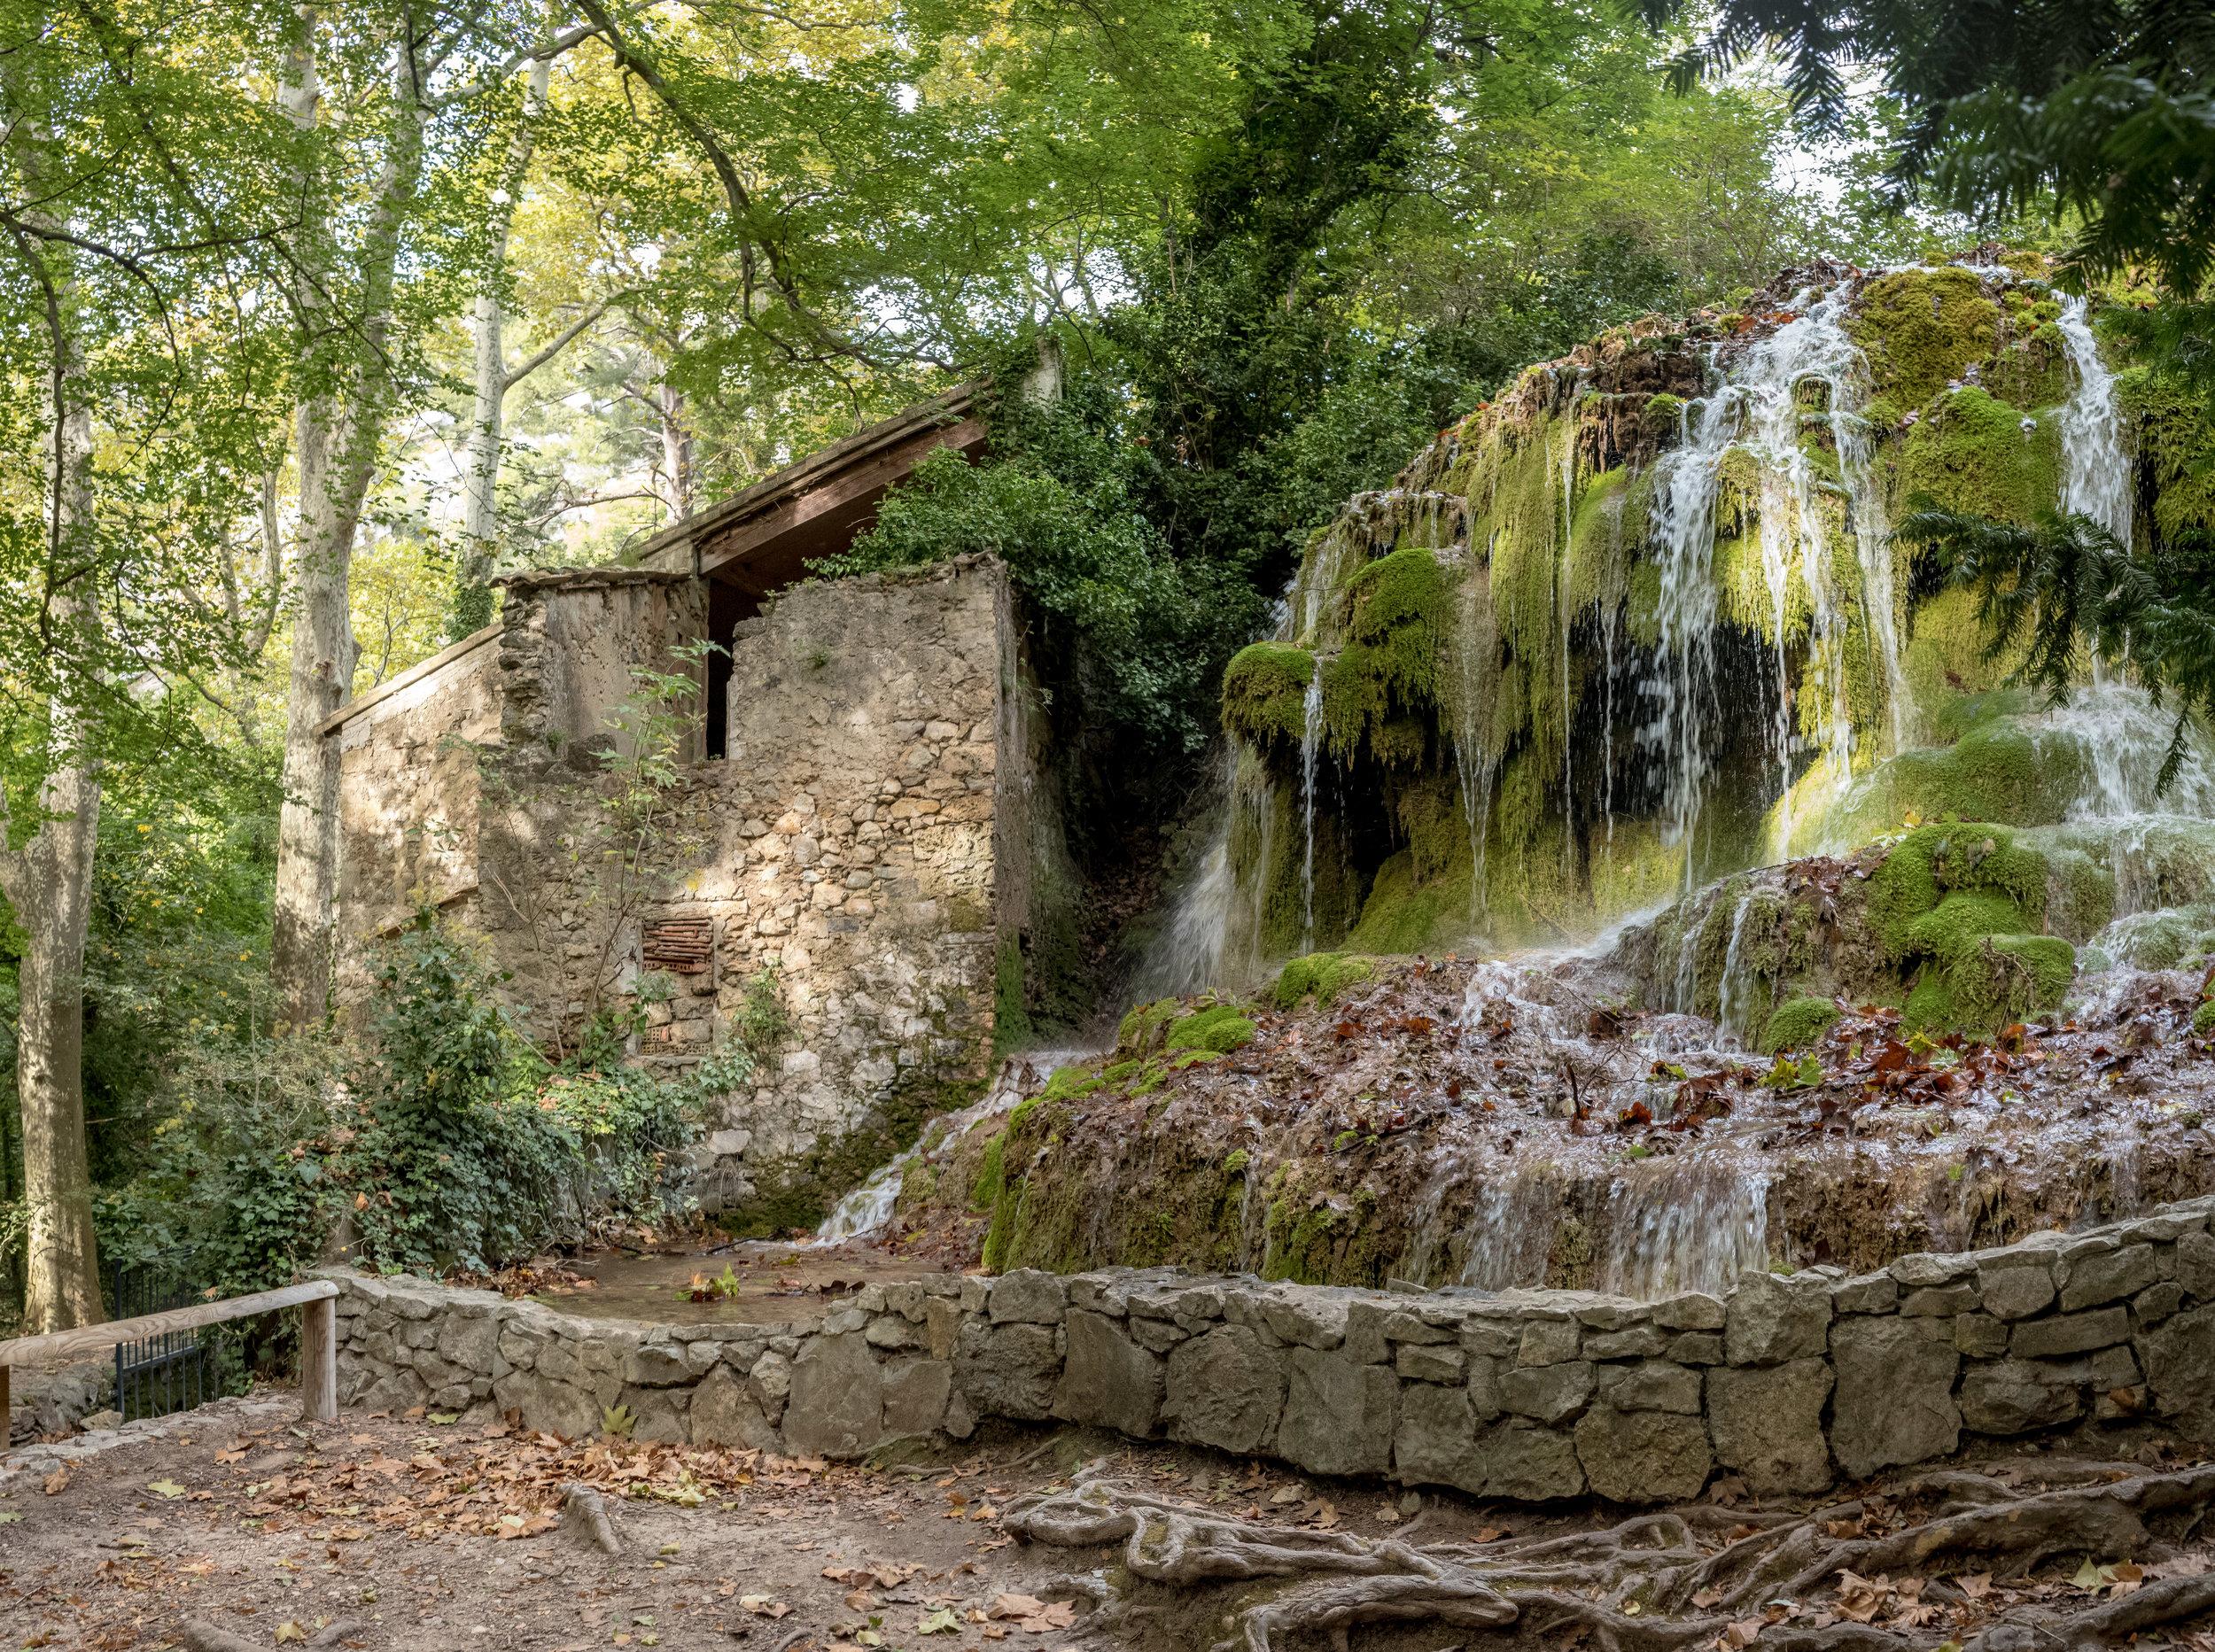 Parc de Saint-Pons; Abbaye de Saint-Pons, Gémenod, France